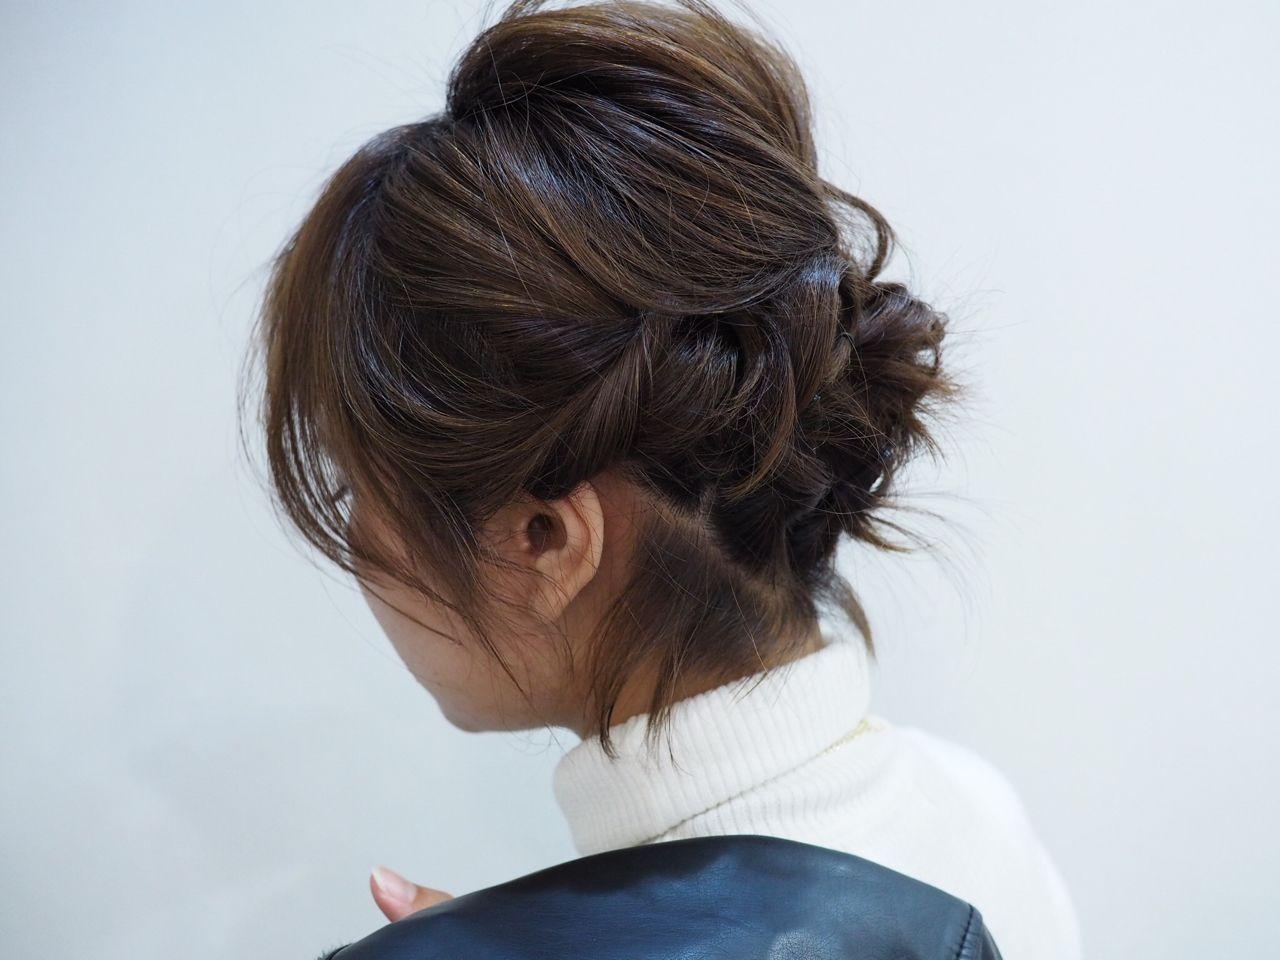 ヘアアレンジ 簡単ヘアアレンジ ボブ かっこいい ヘアスタイルや髪型の写真・画像 | 古川 未来 / Pure Wave-ピュアウェーブ-